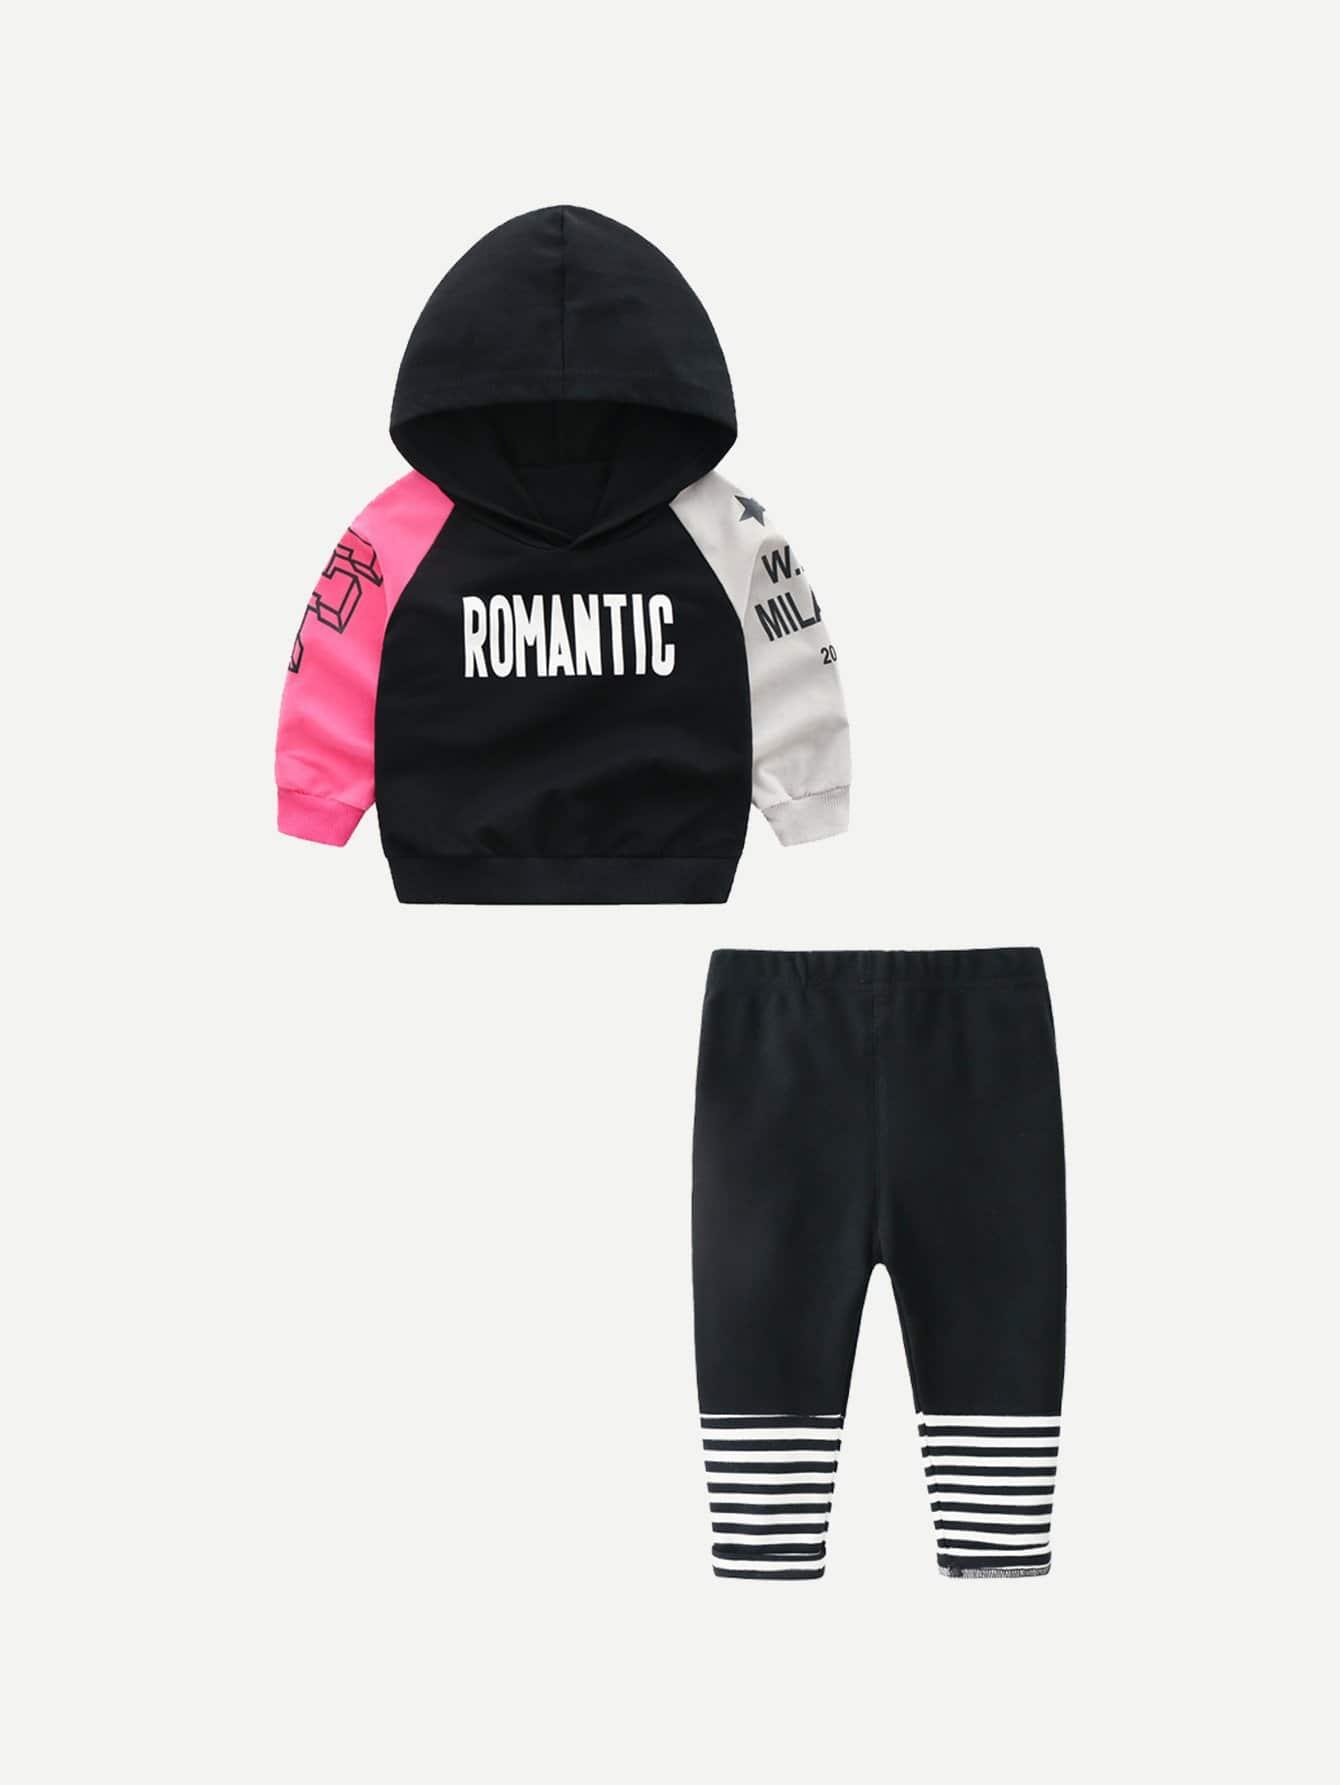 Купить Спортивная футболка с капюшоном и с рисунками буквы и полосатые брюки для девочки, null, SheIn